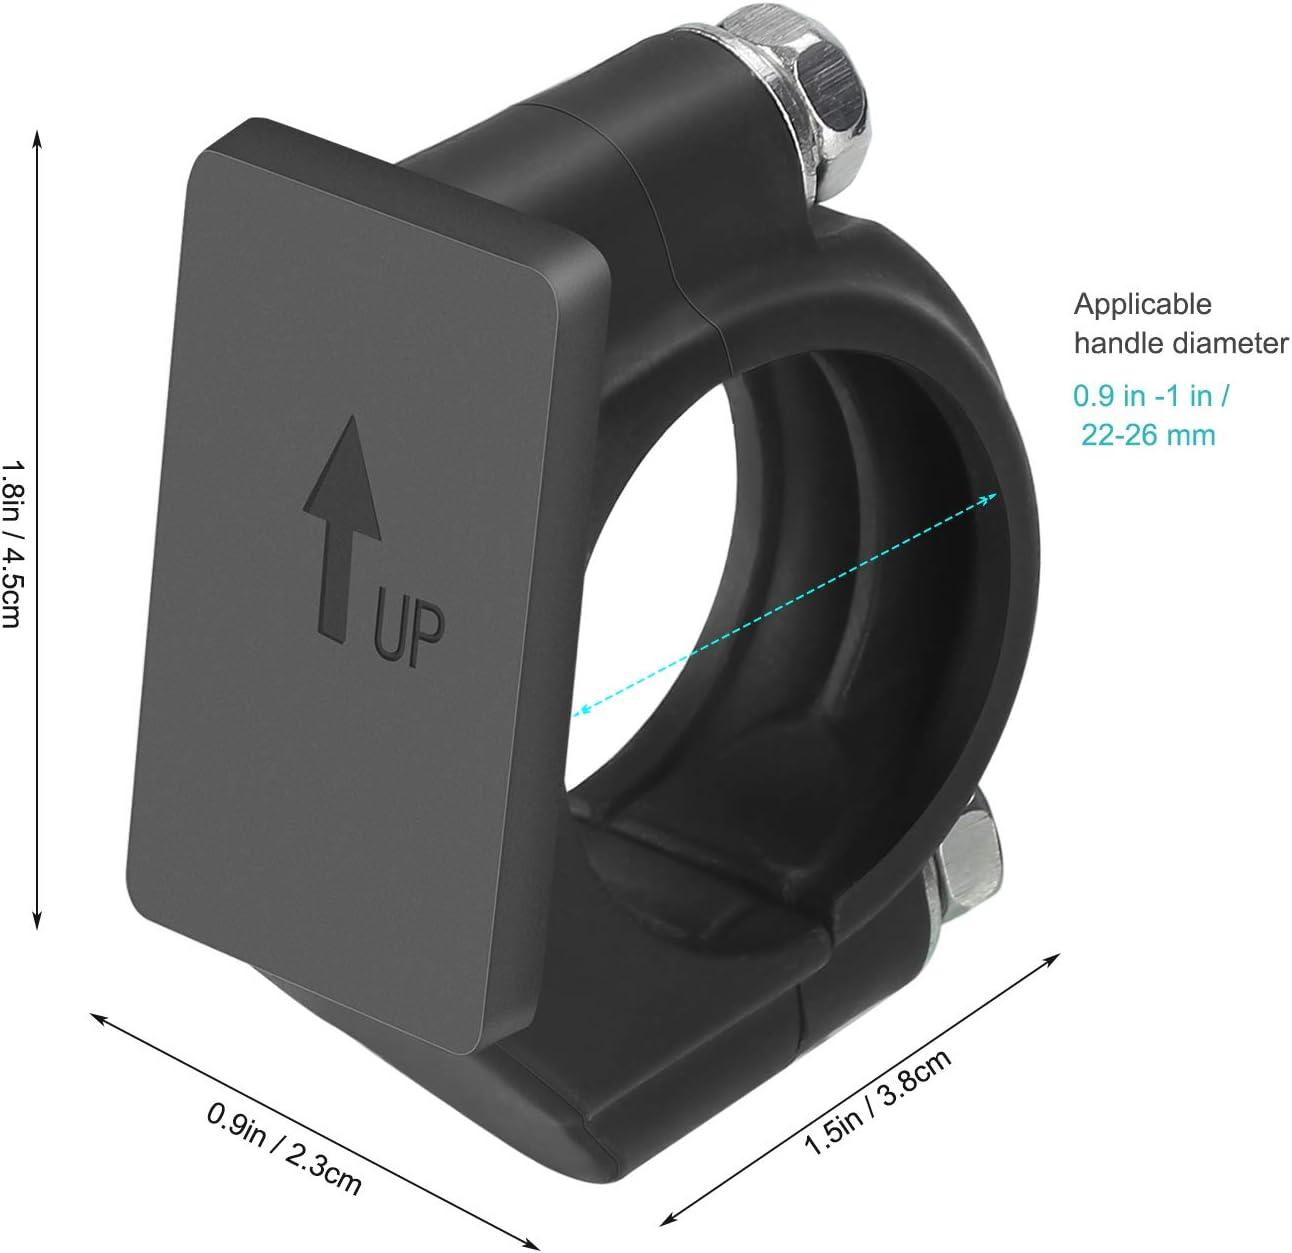 Keenso Support dAffichage de Vitesse dEngrenage Convient 22mm-28.6mm Support de Moto Indicateur de Vitesse Universelle en Alliage dAluminium